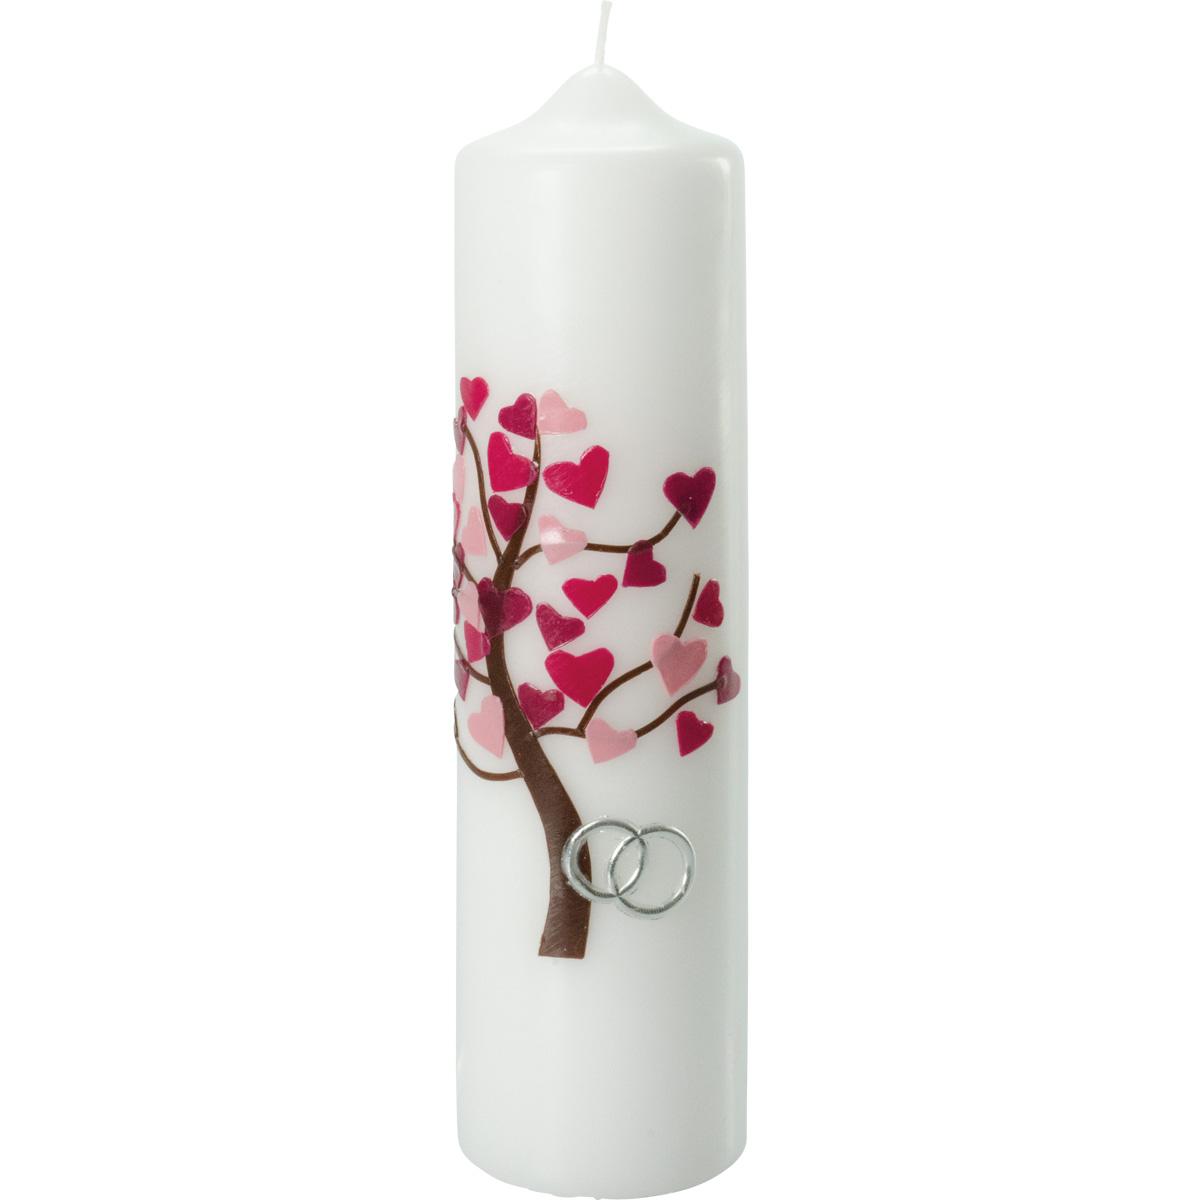 Hochzeitskerze, 5003, 275x70, Lebensbaum, rosa-rote Herzen, silber